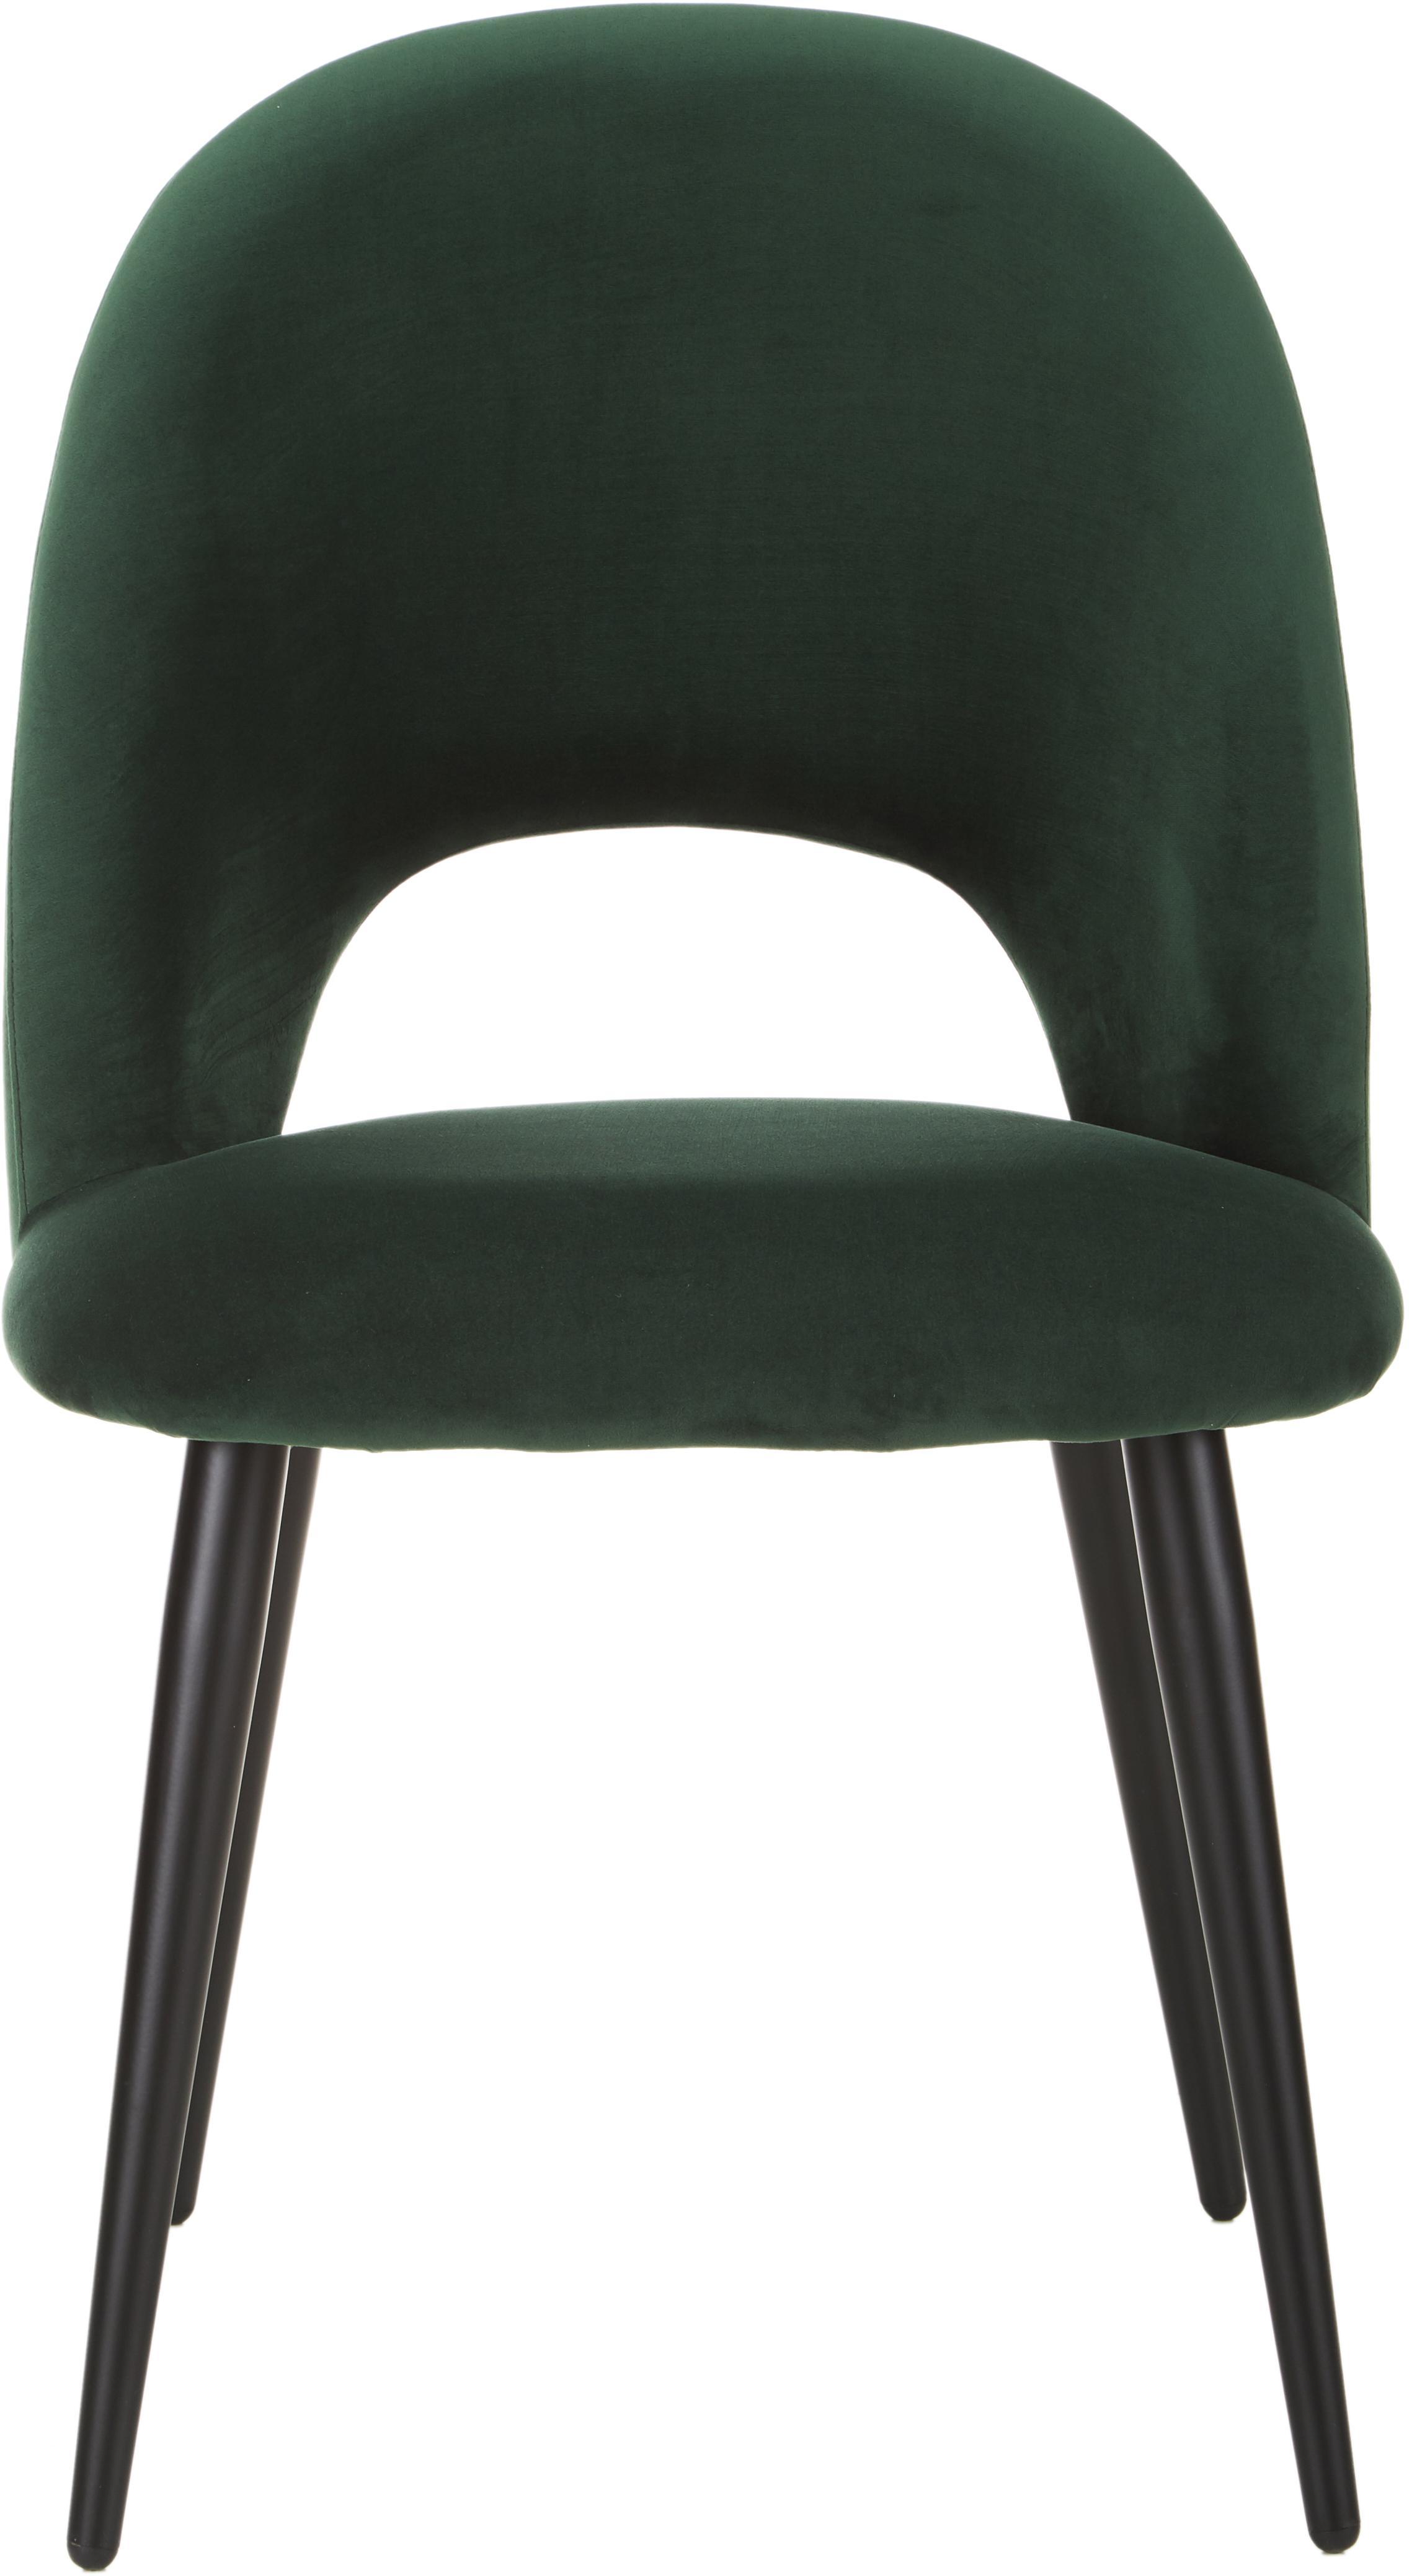 Silla de terciopelo Rachel, Tapizado: terciopelo (tapizado de p, Patas: metal con pintura en polv, Verde oscuro, An 53 x F 57 cm